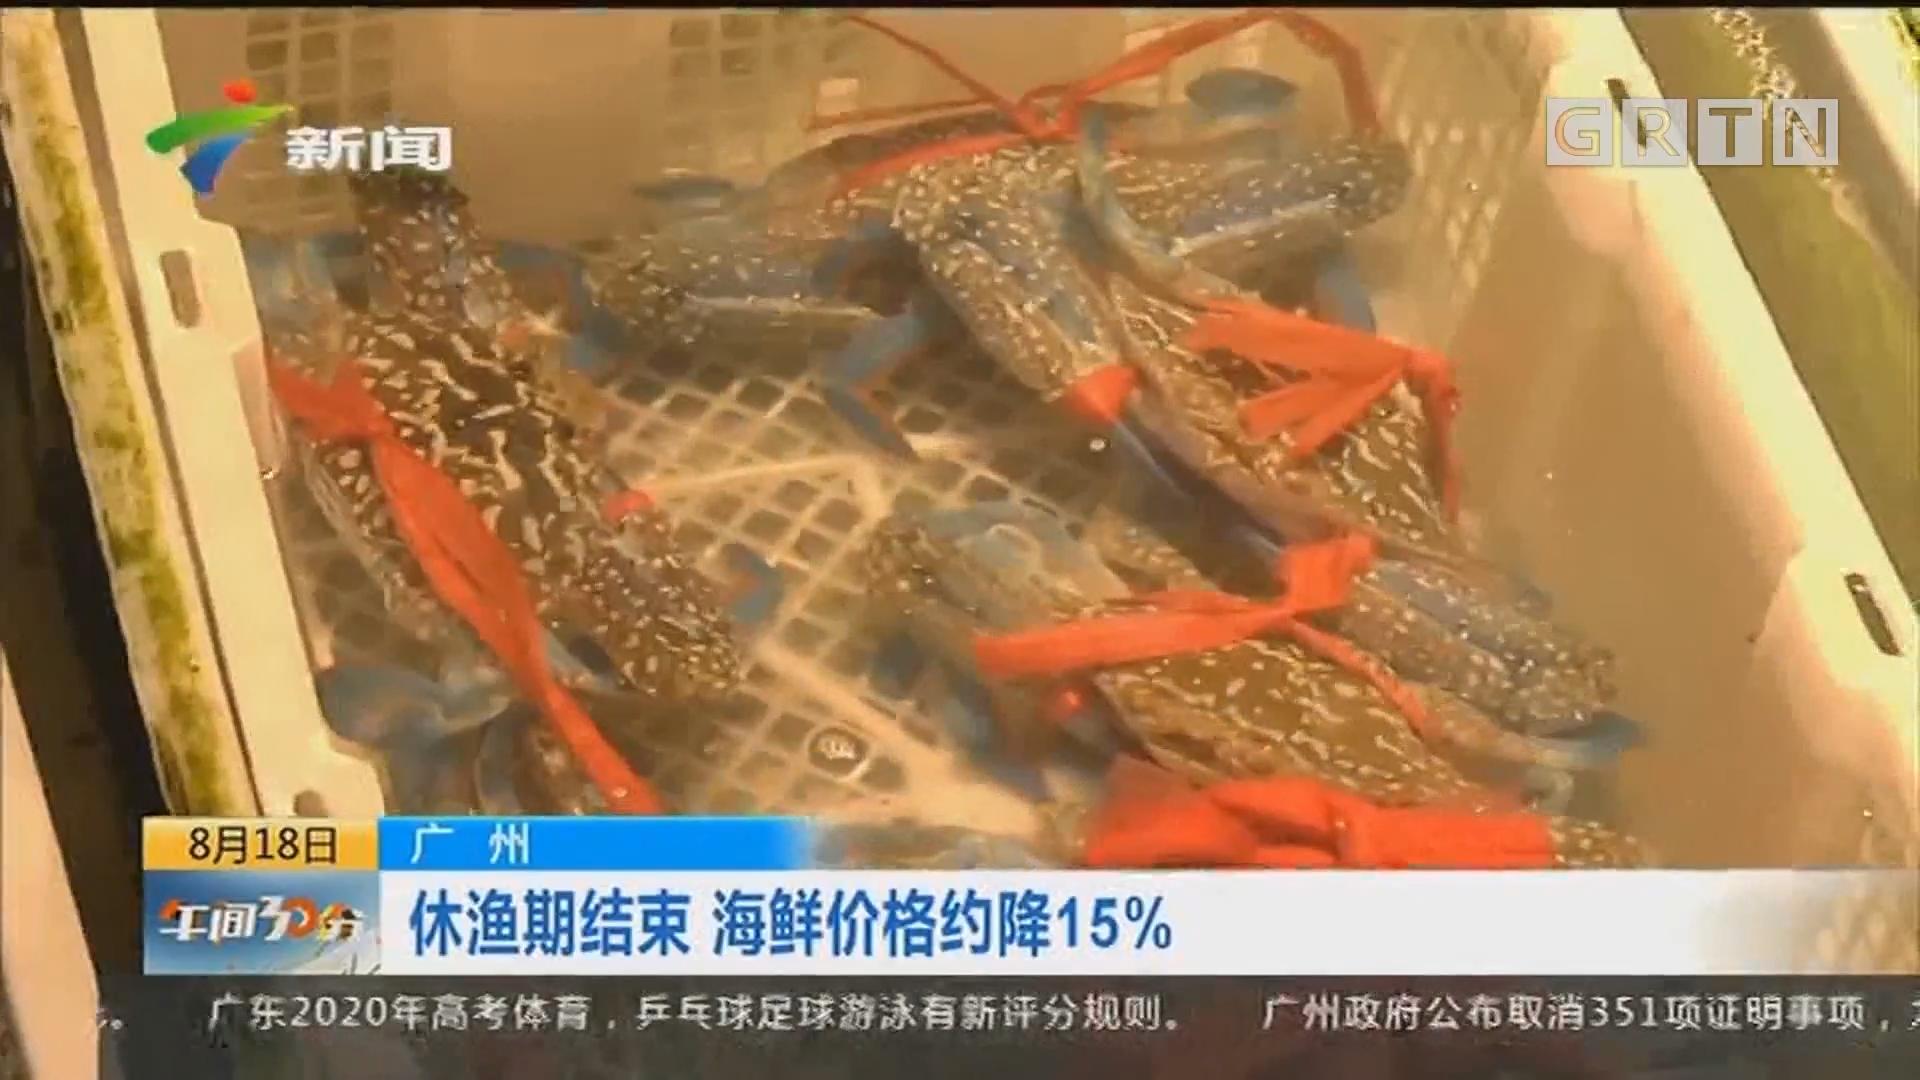 广州:休渔期结束 海鲜价格约降15%